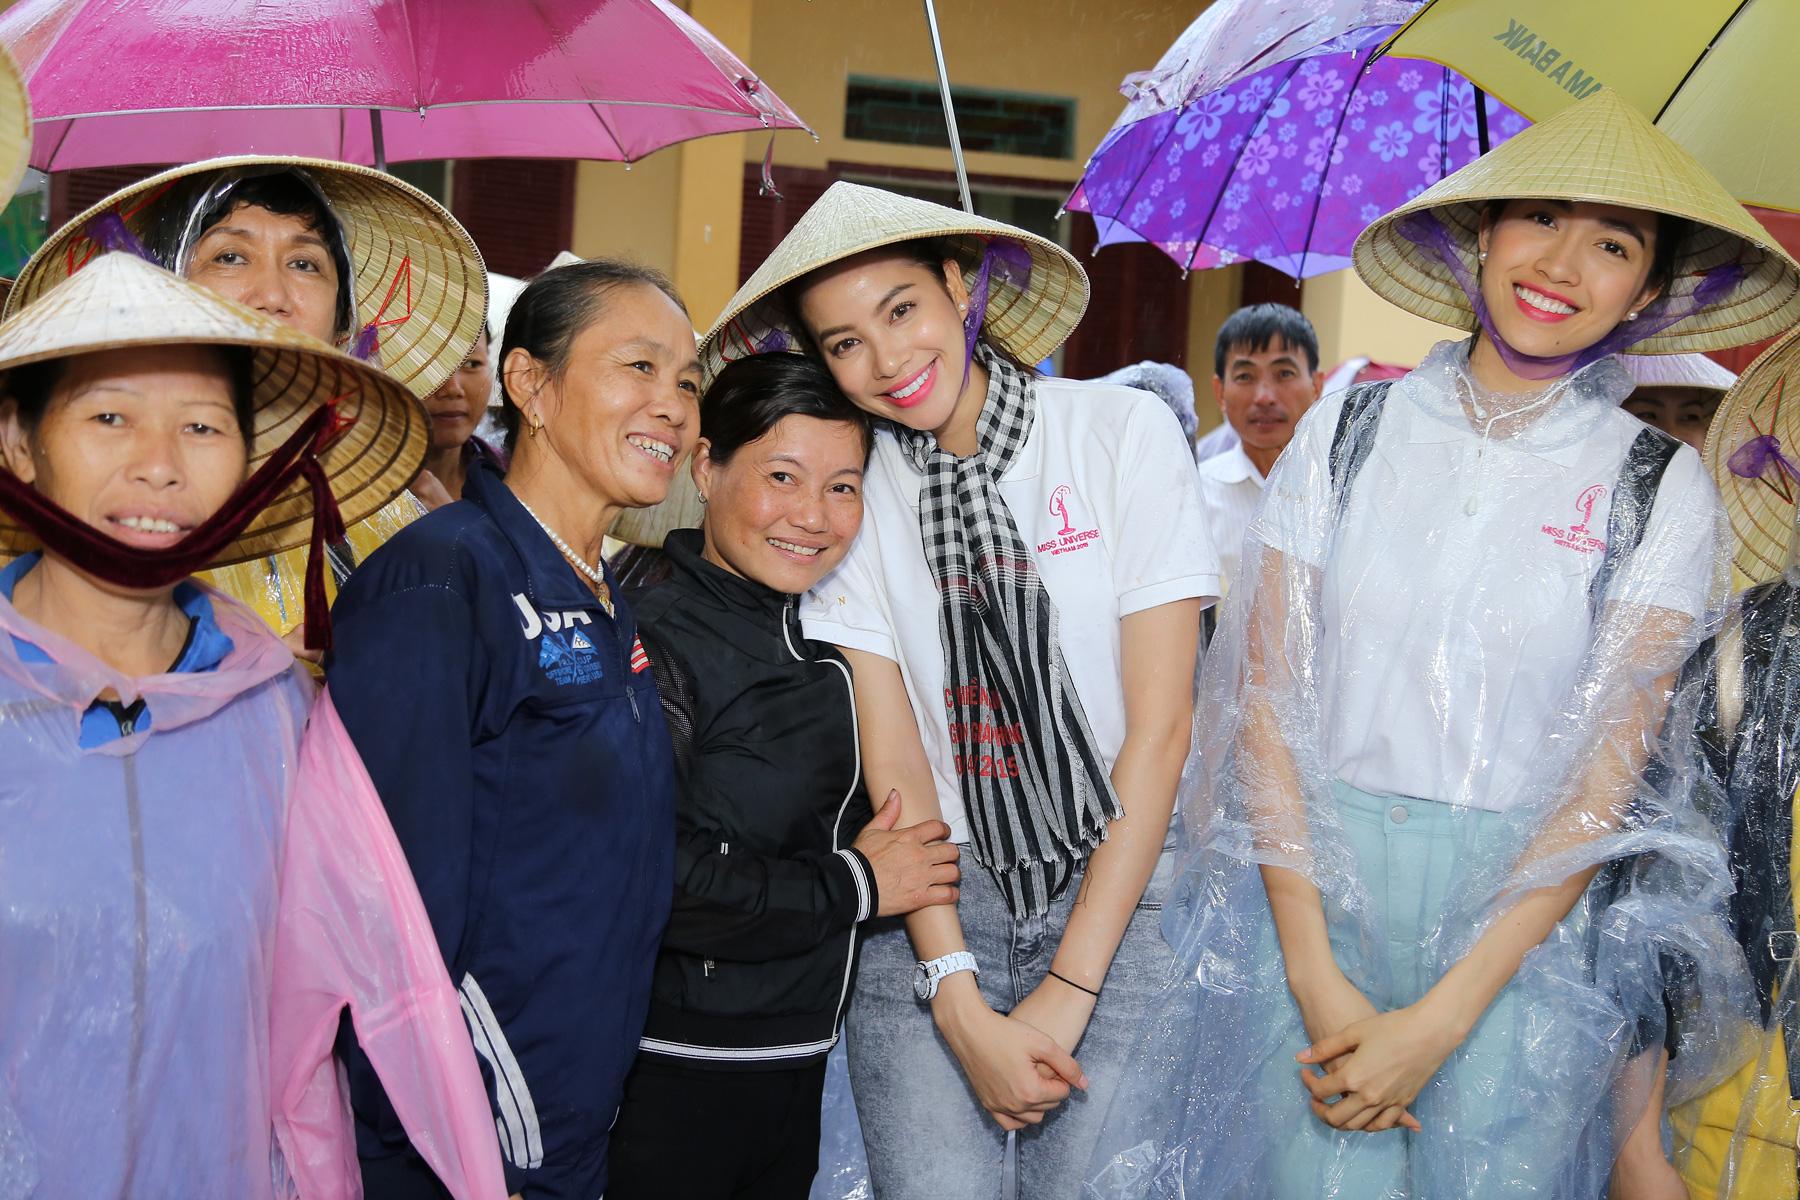 Hoa hậu Phạm Hương chạy xe đạp chở cụ già trong cơn mưa dầm 6